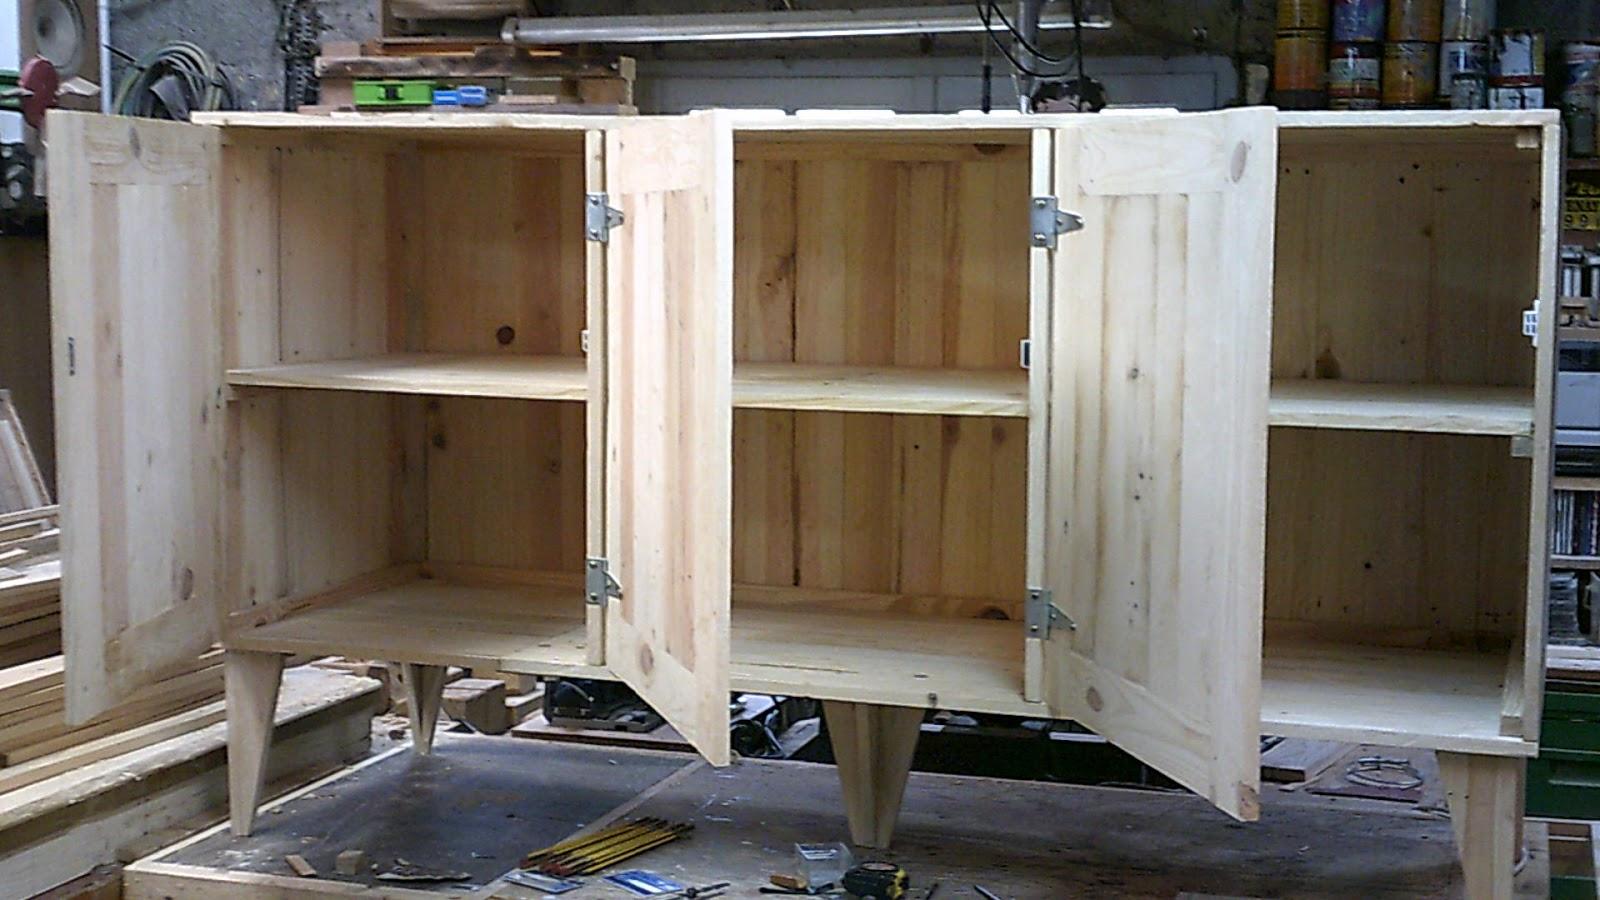 Fabrication de meuble l 39 interieur en bois de palette et meuble de jardin - Fabrication de meuble en bois ...